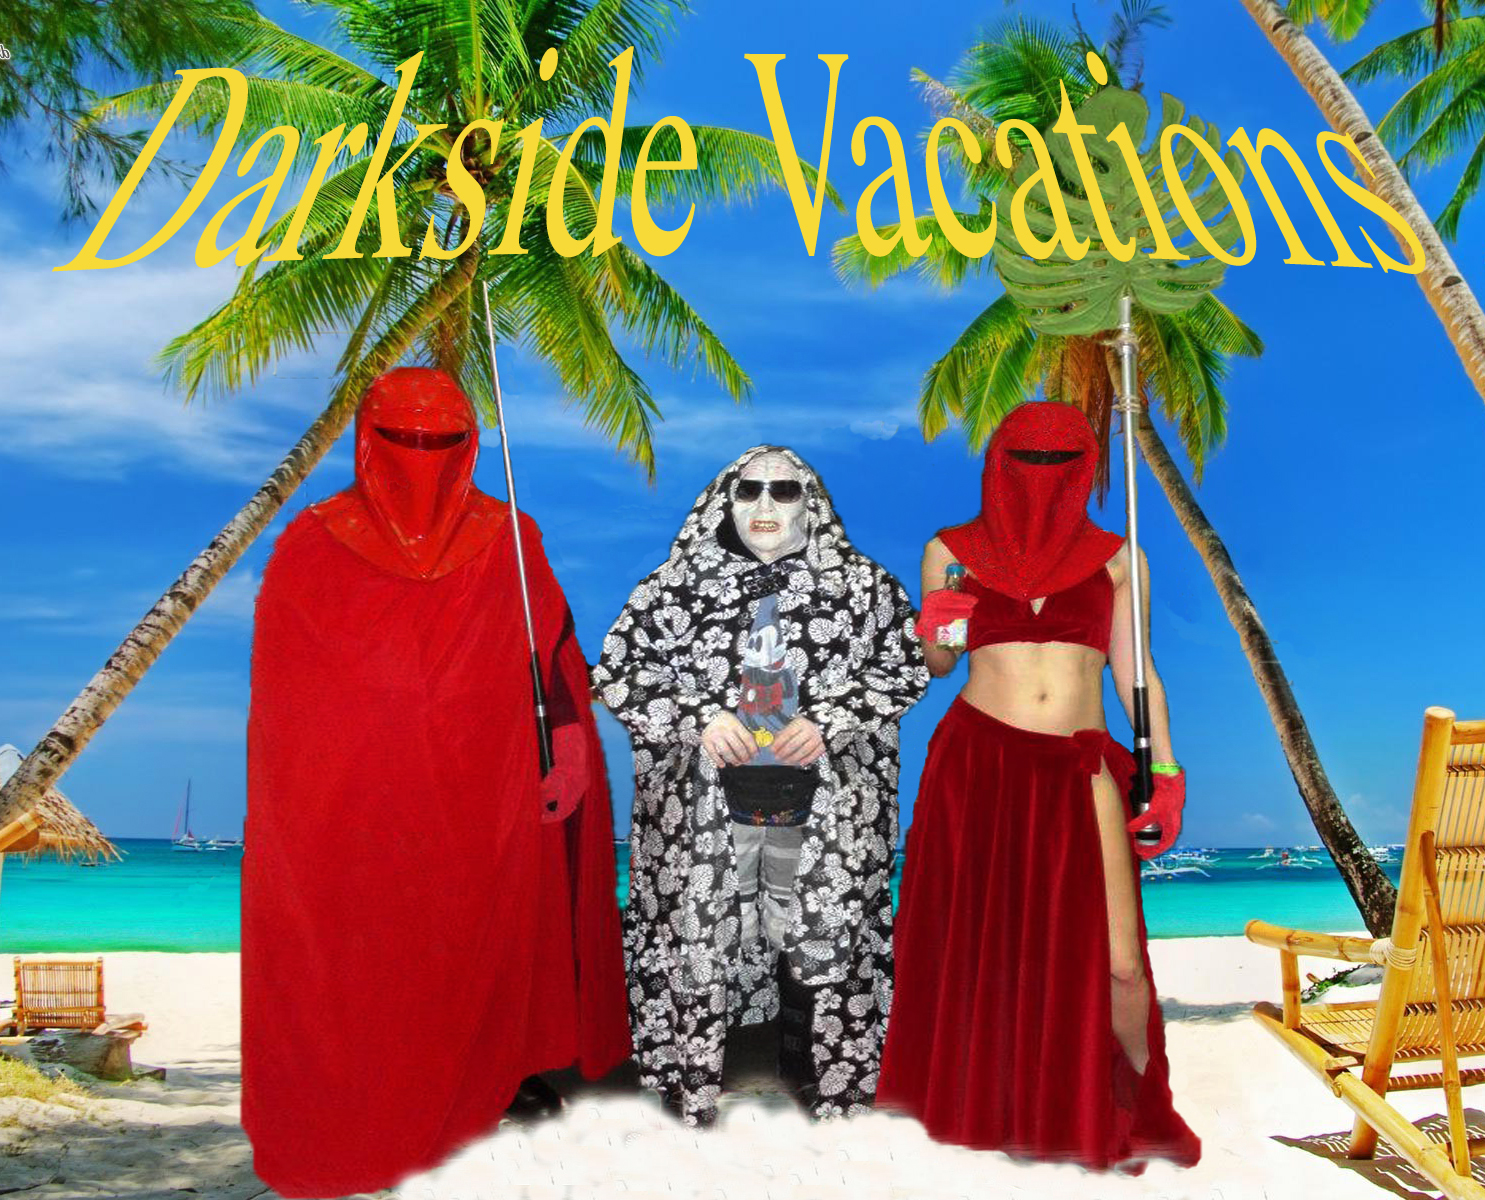 darksidevactions